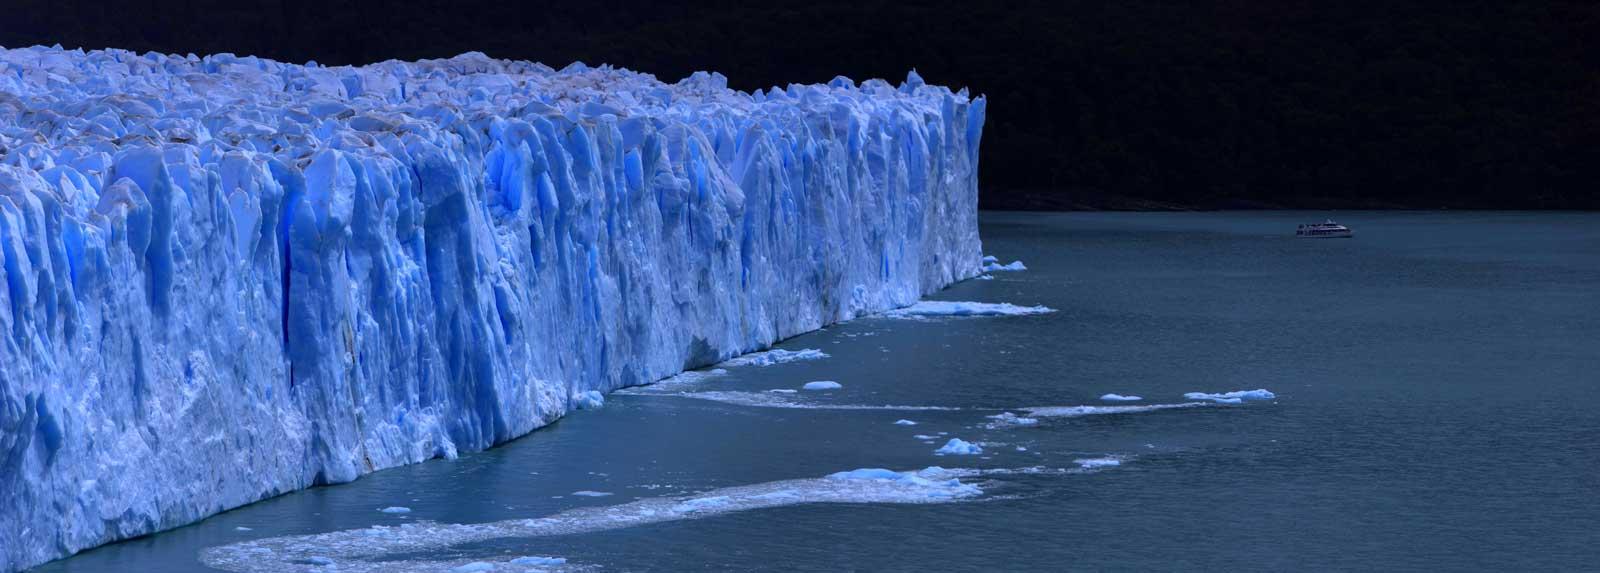 El Calafate: Argentina's Glacier